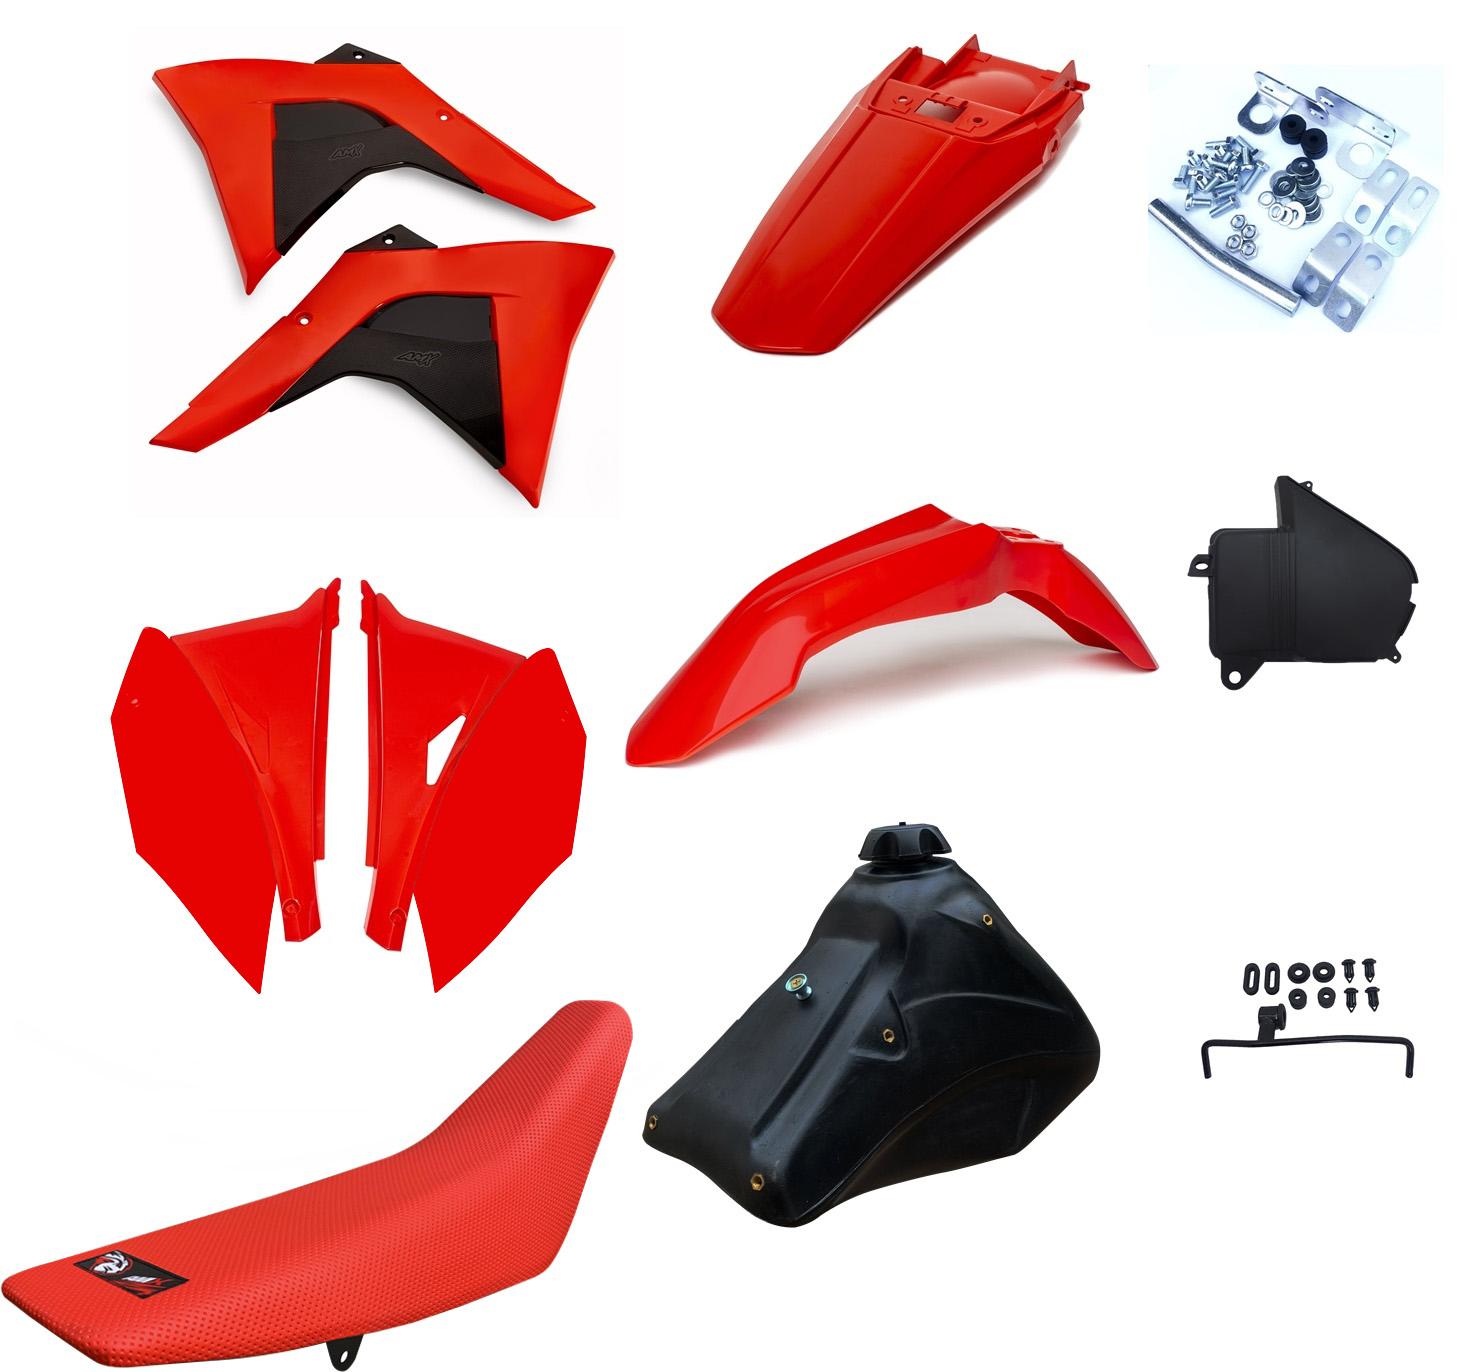 Kit Plástico Amx Adaptável Crf 230 P/ Xr 200/250 Bros 125/150